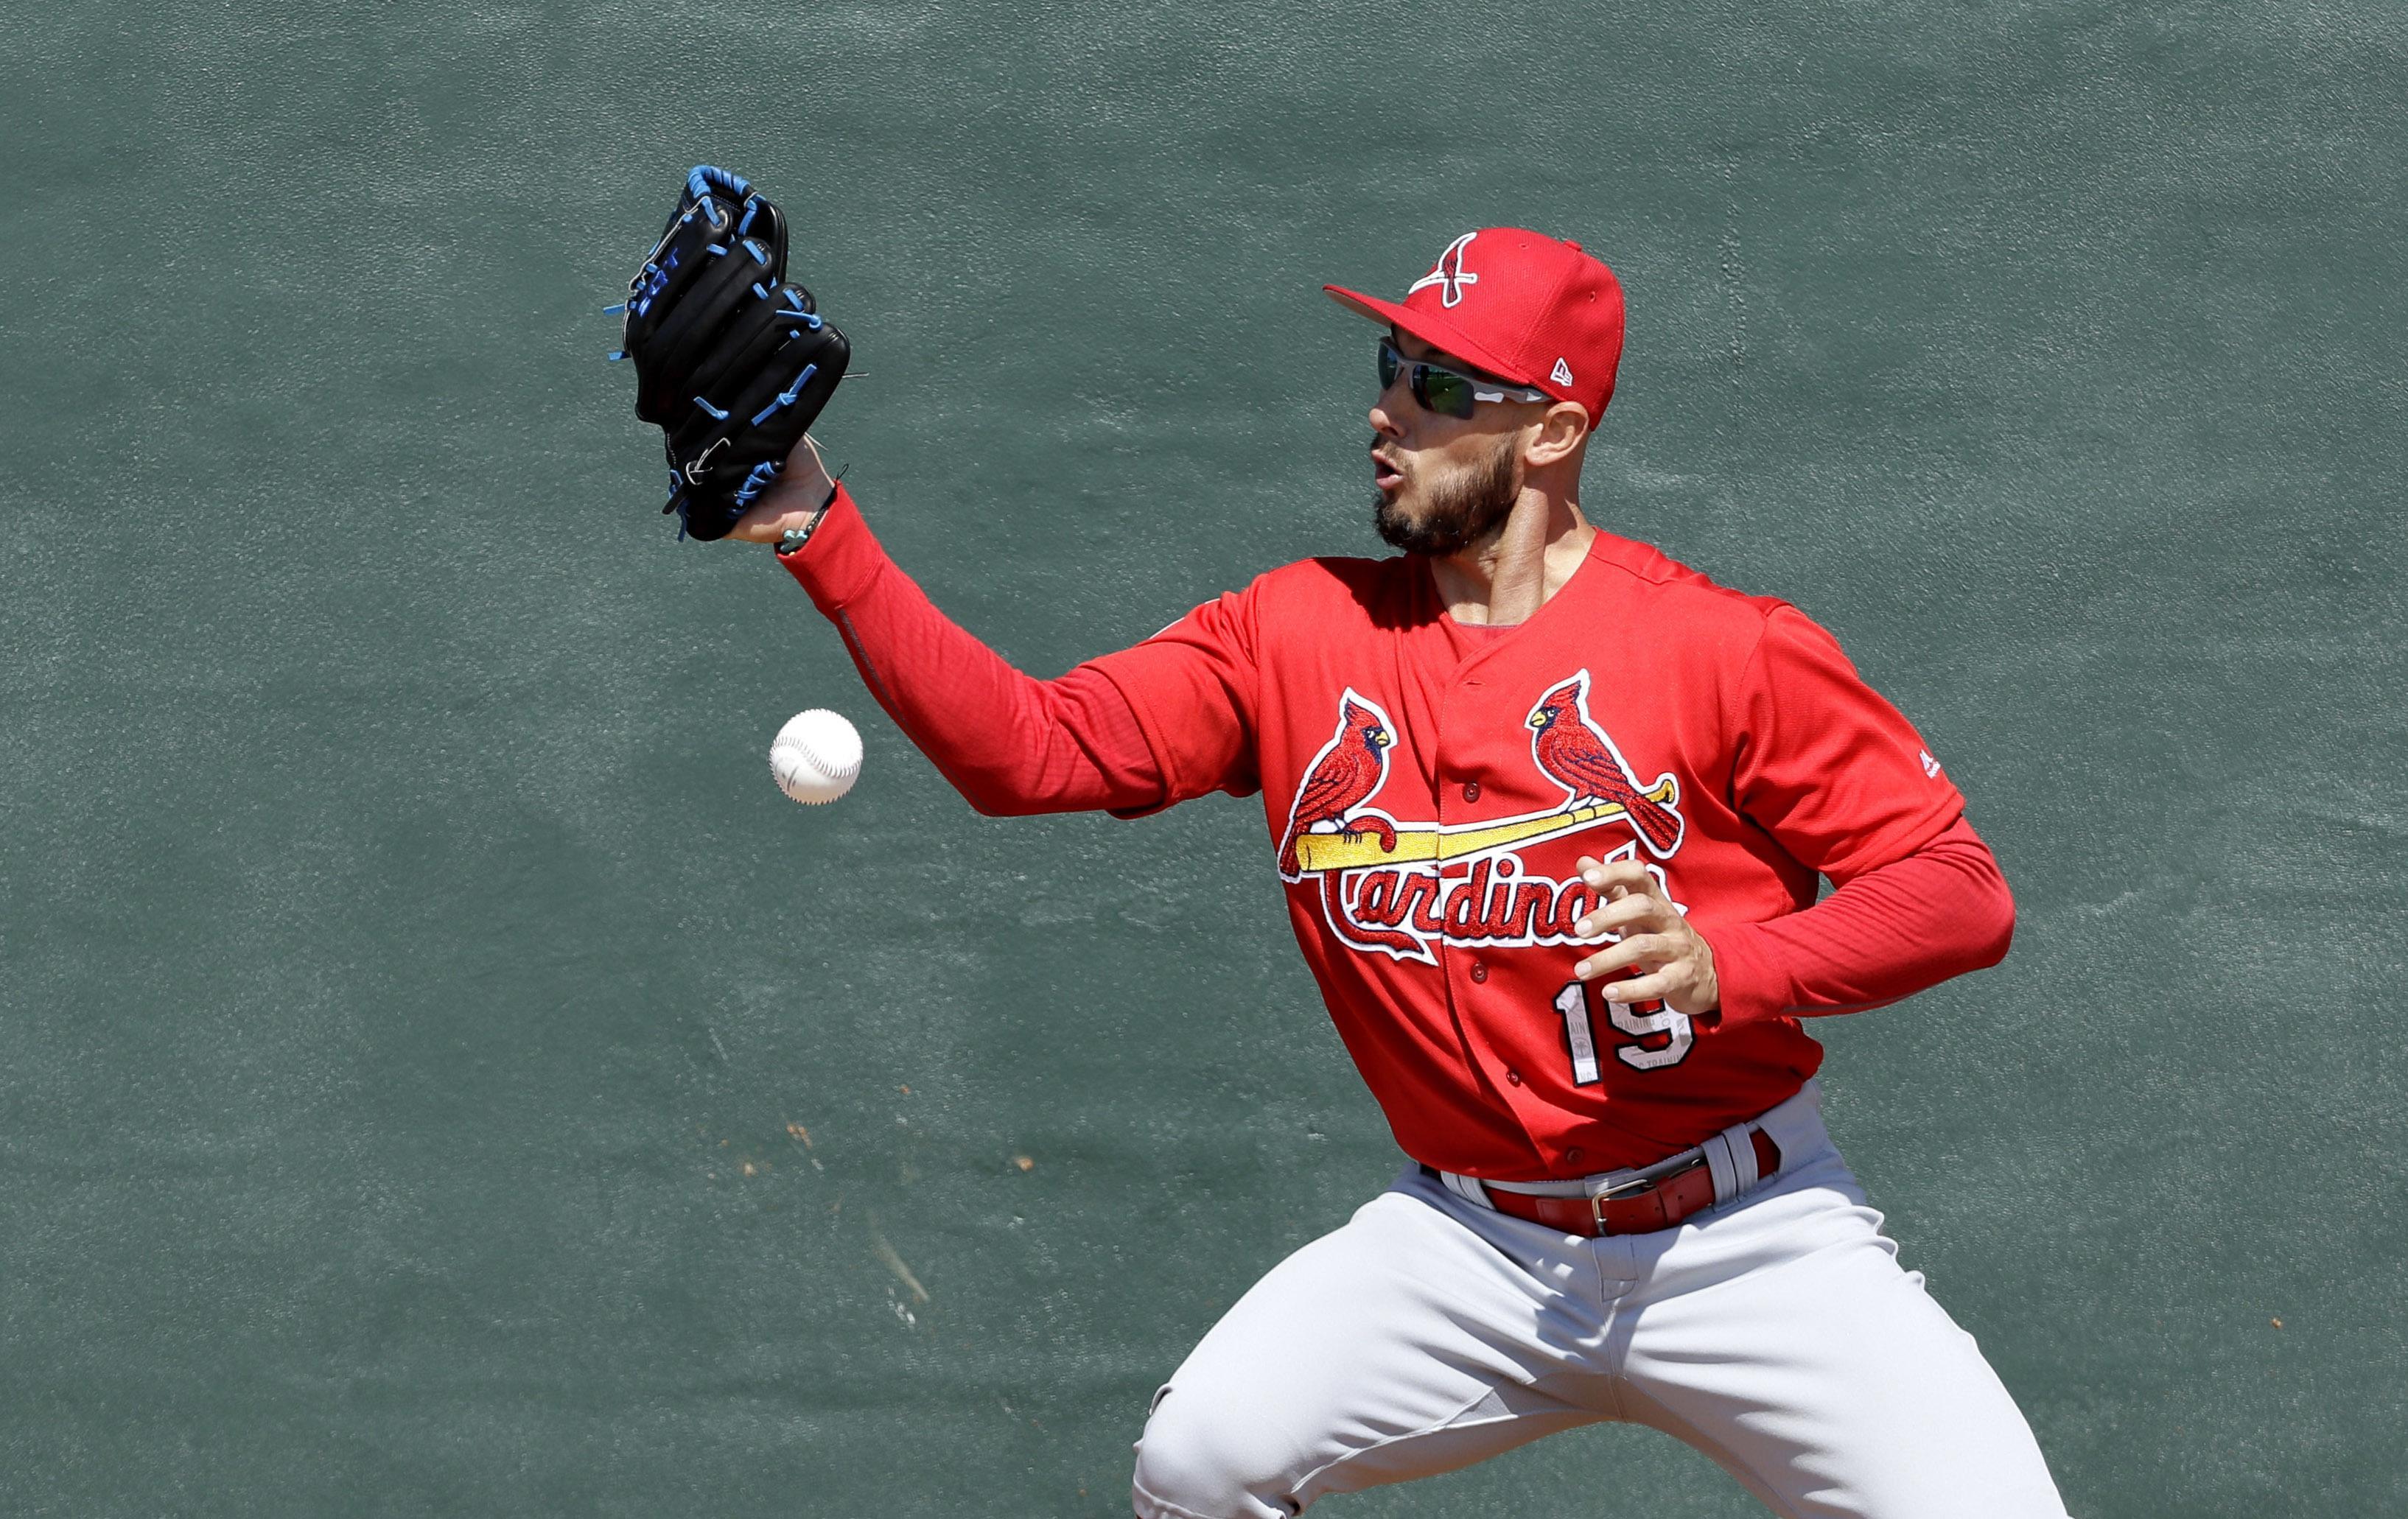 Cardinals_schafer_baseball_80022